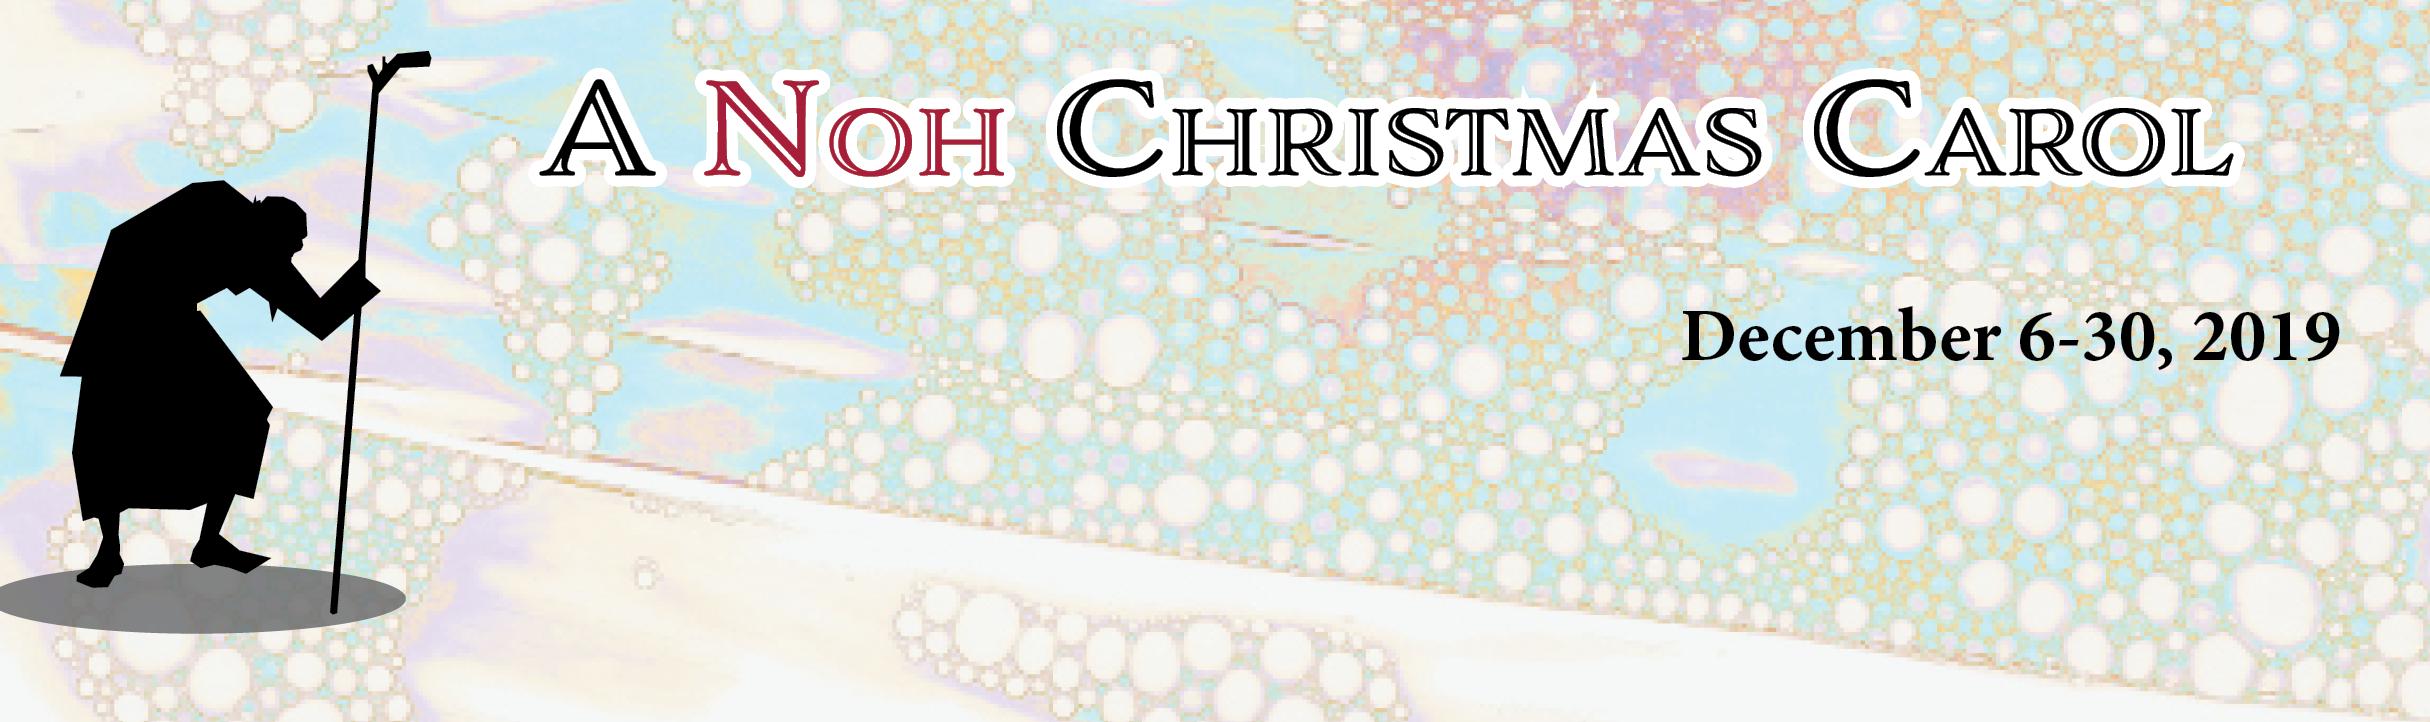 2019 Christmas Carol banner.png